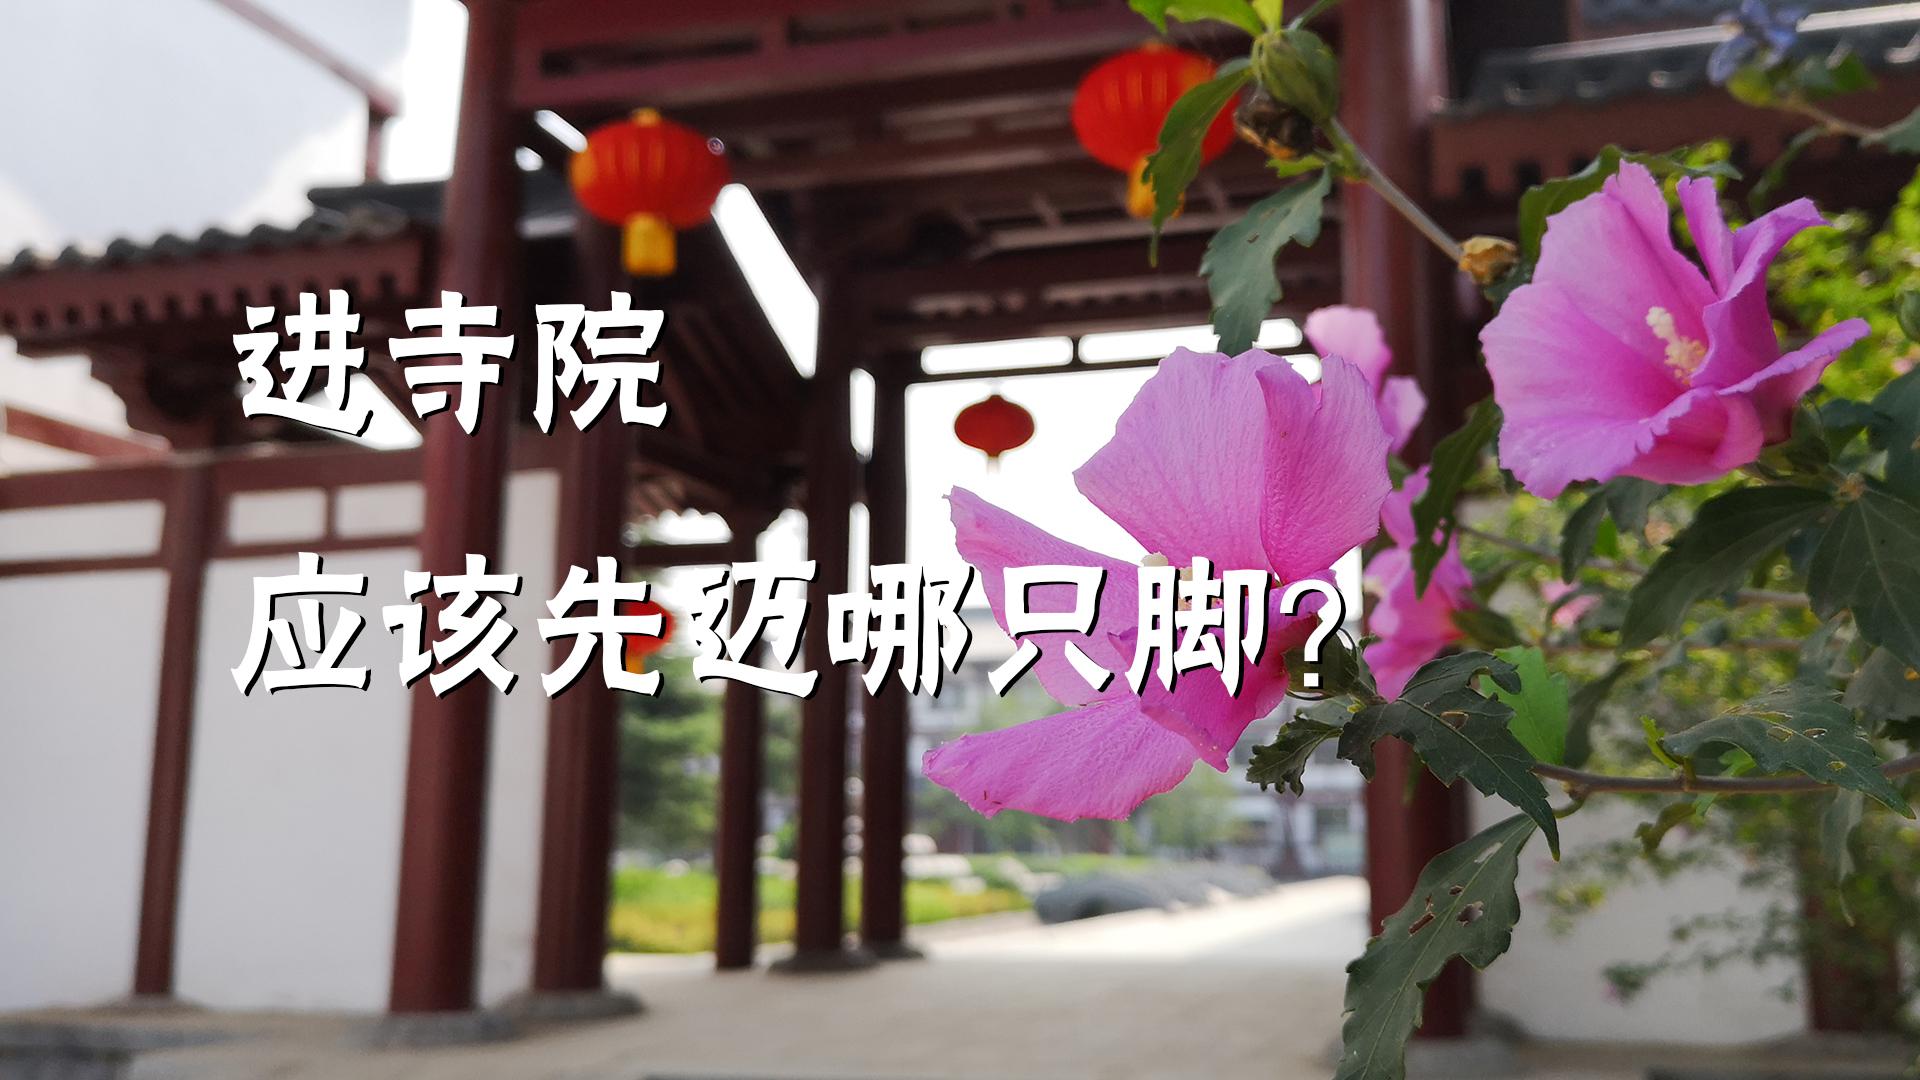 问禅小师兄》第三期:进寺院应该先迈哪只脚?